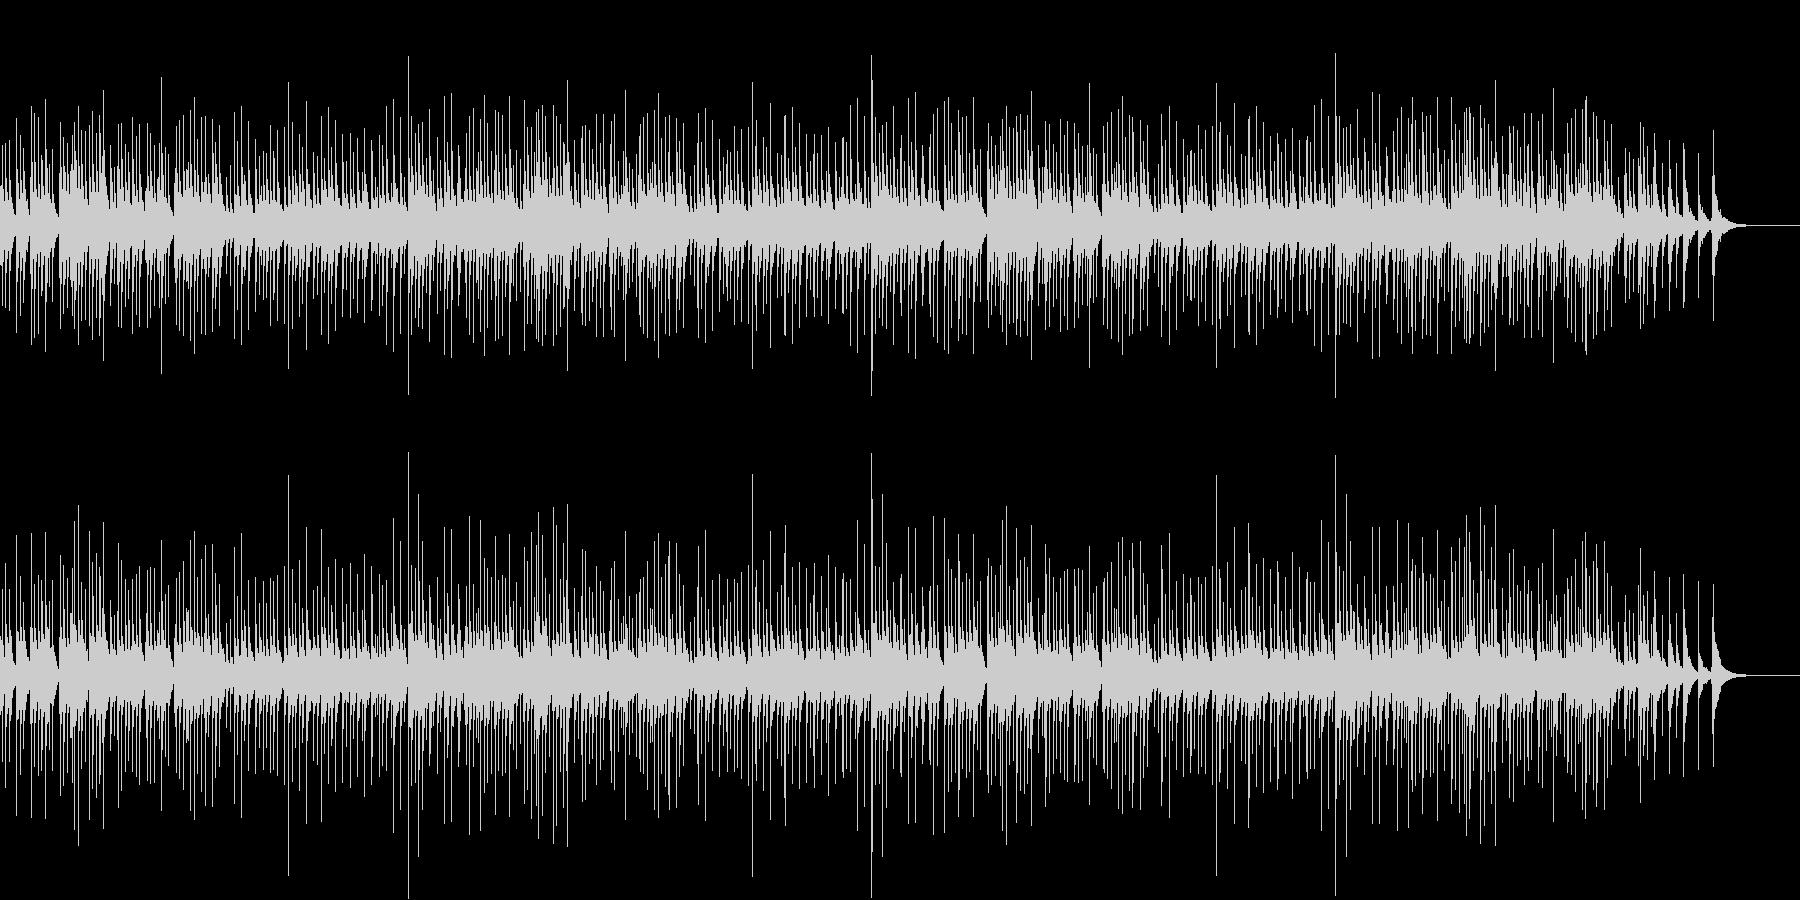 ジングルベルのオルゴール版 4分弱の未再生の波形